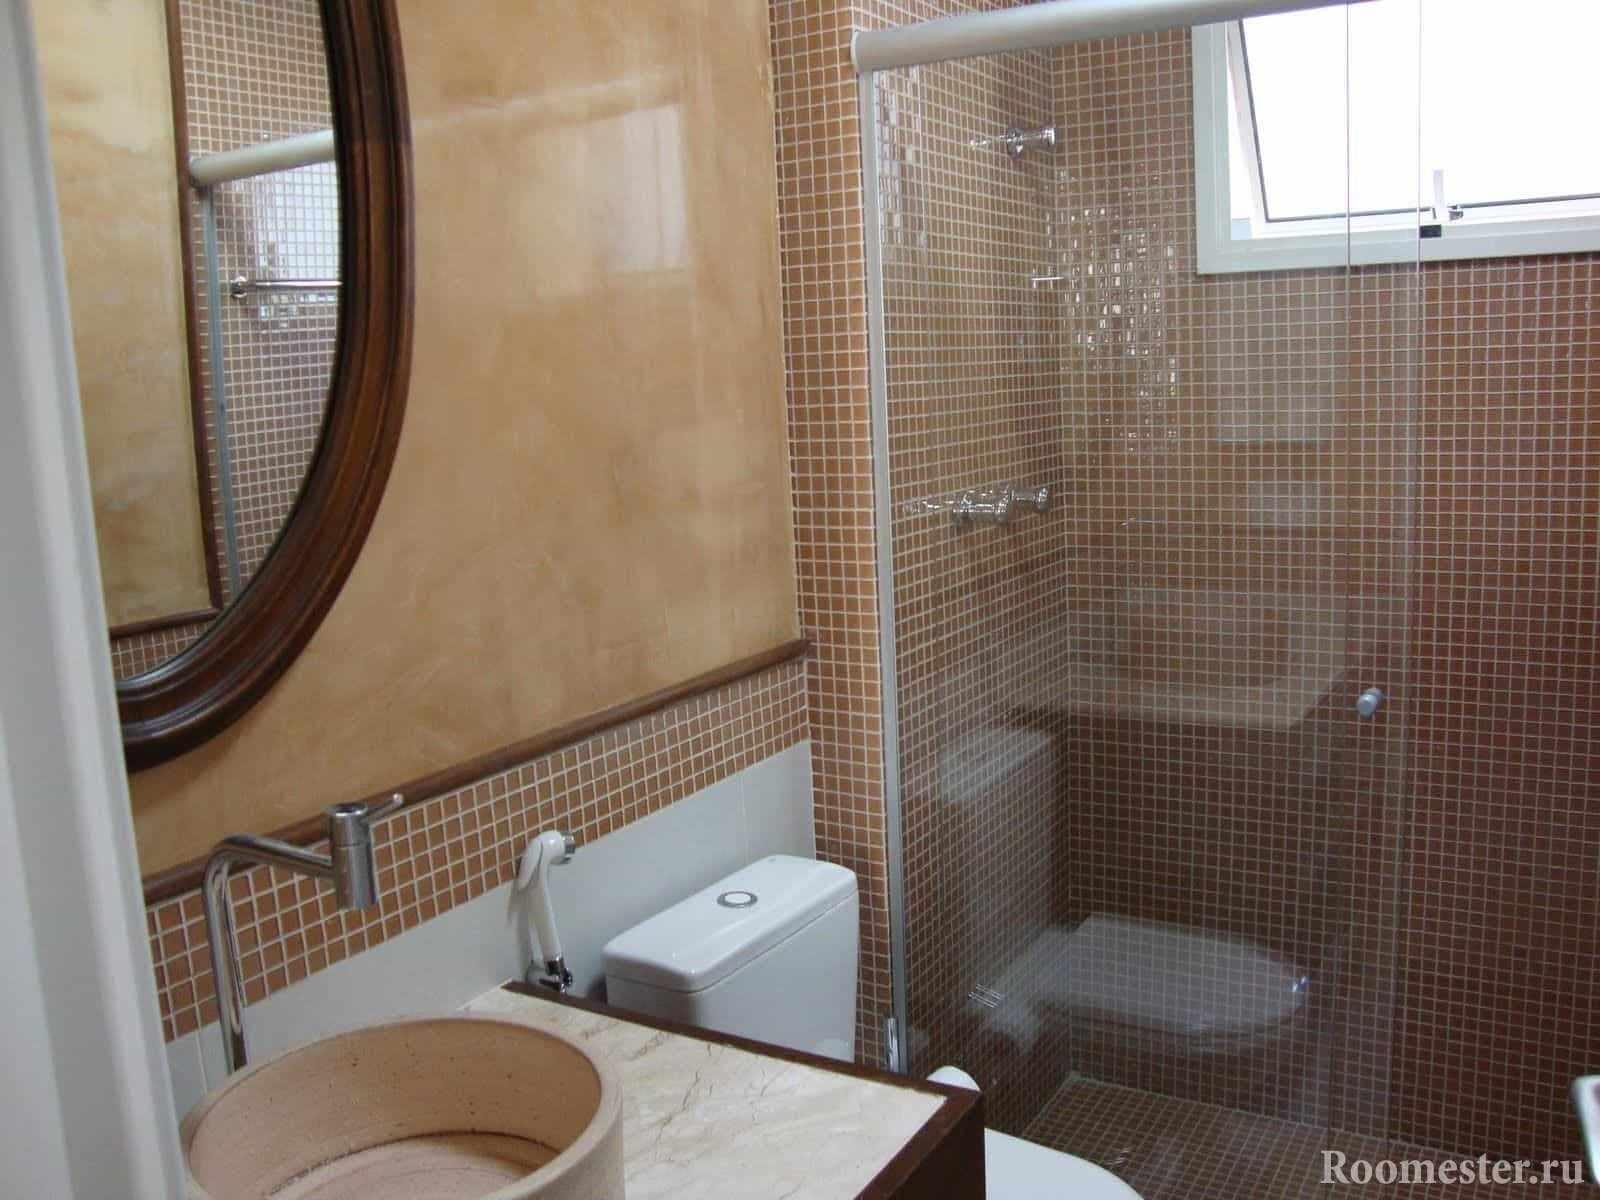 Мозаика популярна в отделке ванной комнаты в панельном доме